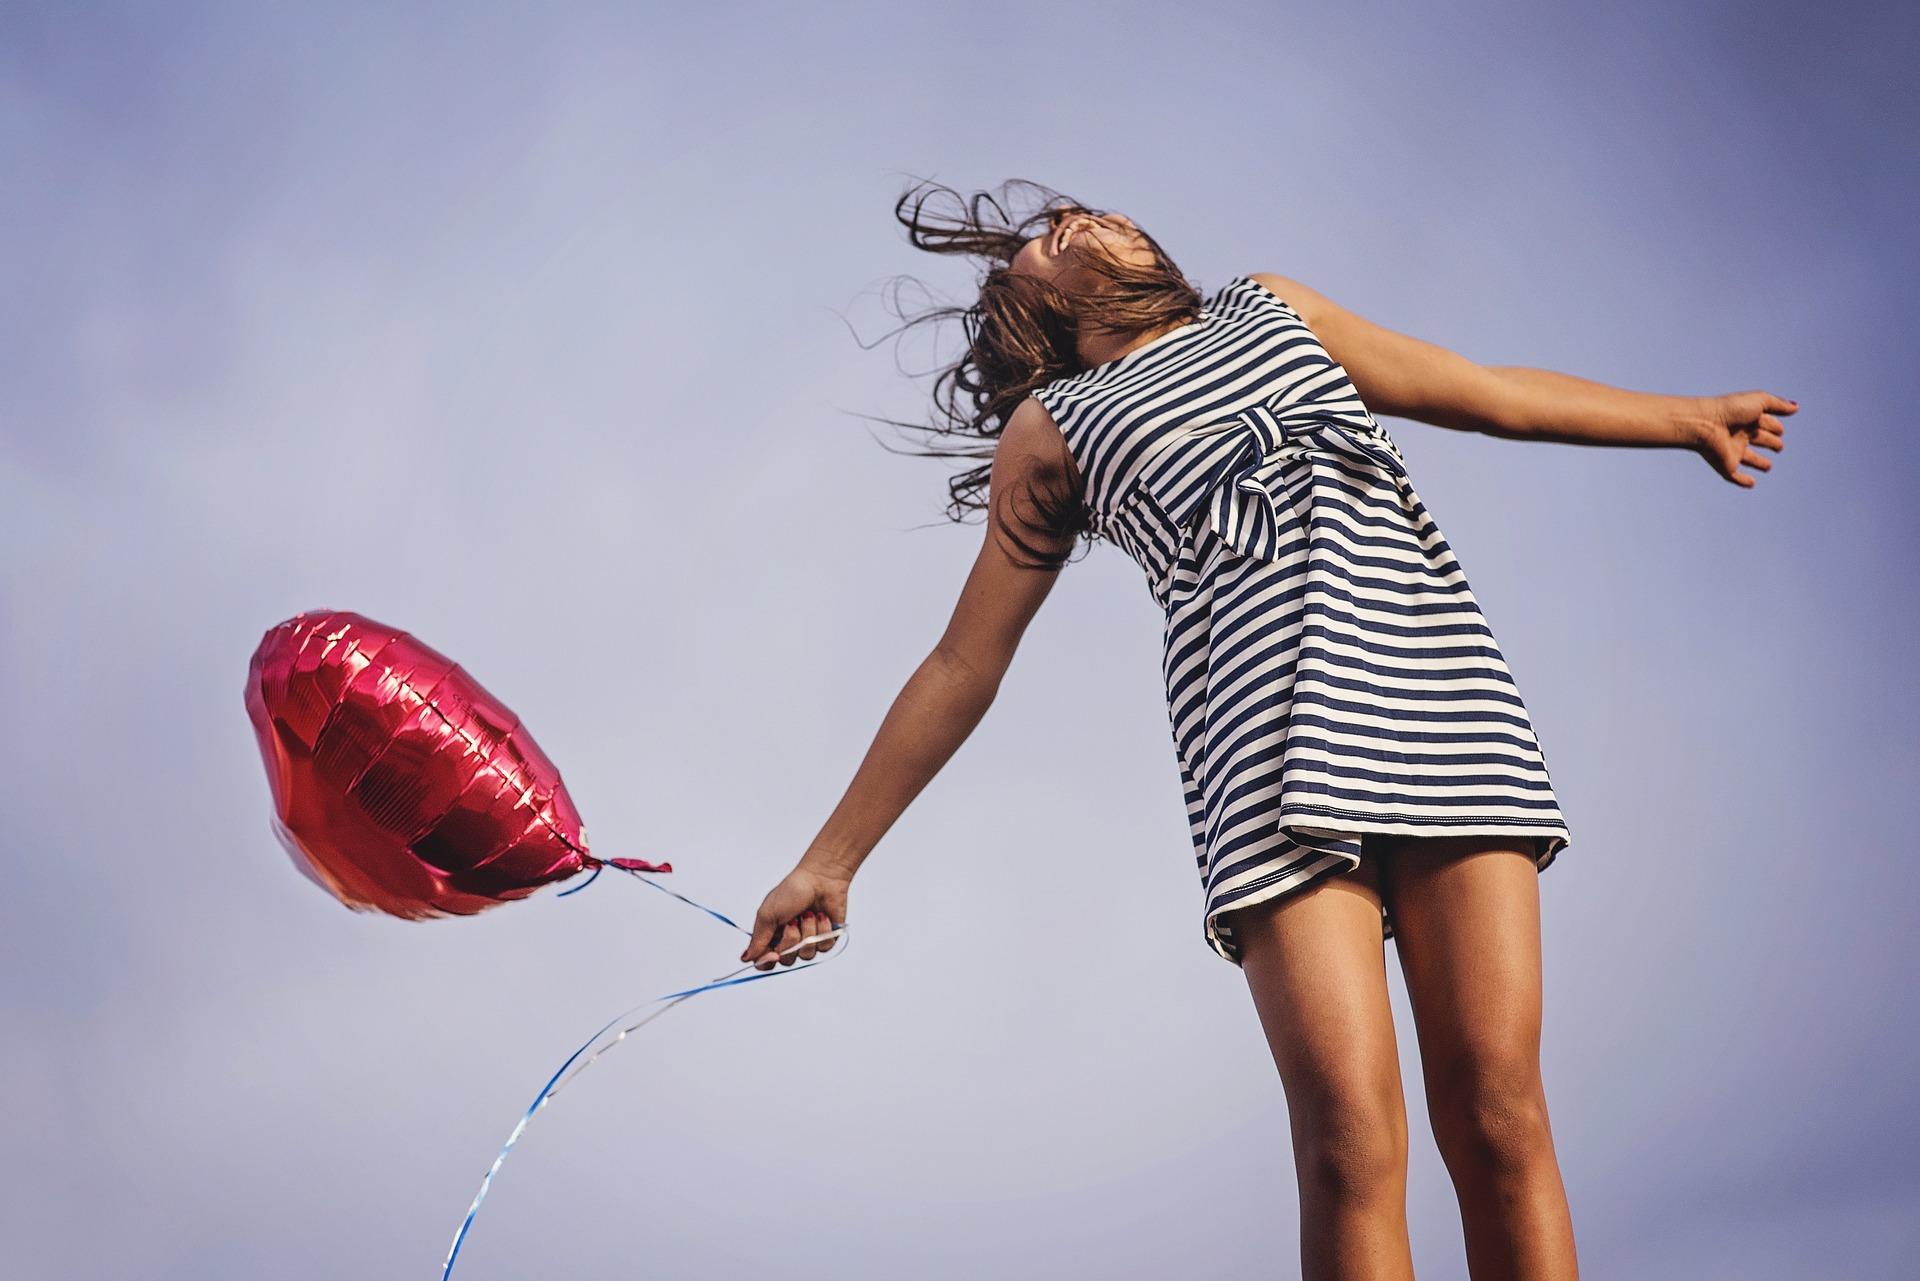 Mistä onnellisuus oikeasti koostuu? 5 vinkkiä, jotka vievät sinua kohti onnellisuutta ilman pakonomaista onnellisuuden tavoittelemista